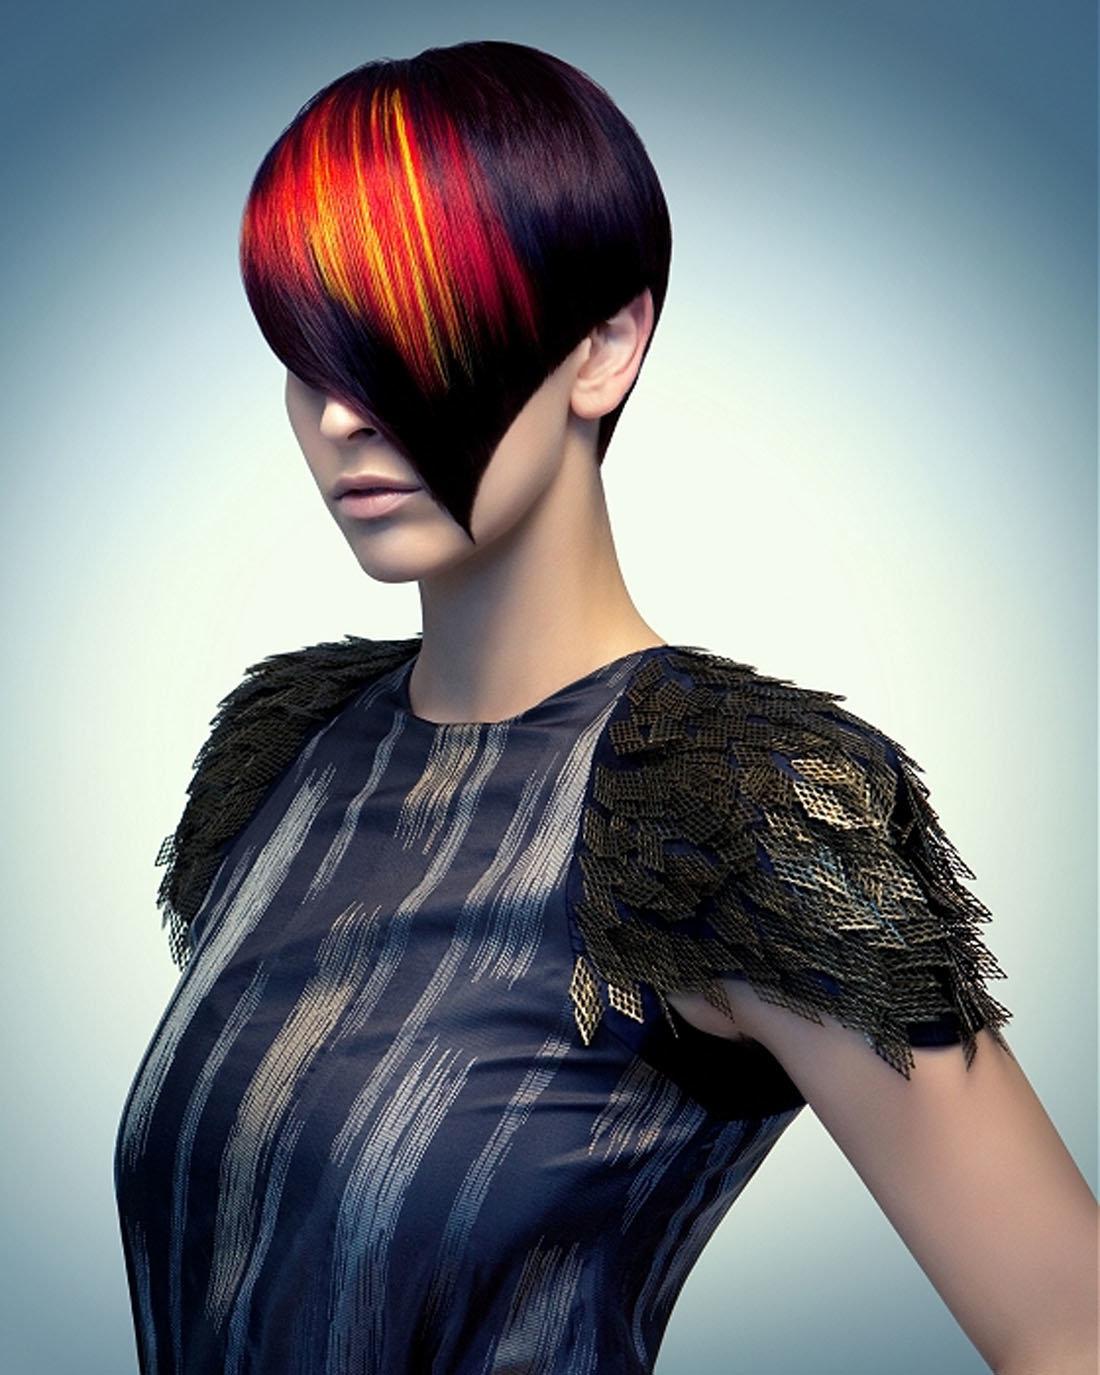 кизлар машинада креативные стрижки средних волос в картинках инстаграма предпочитает